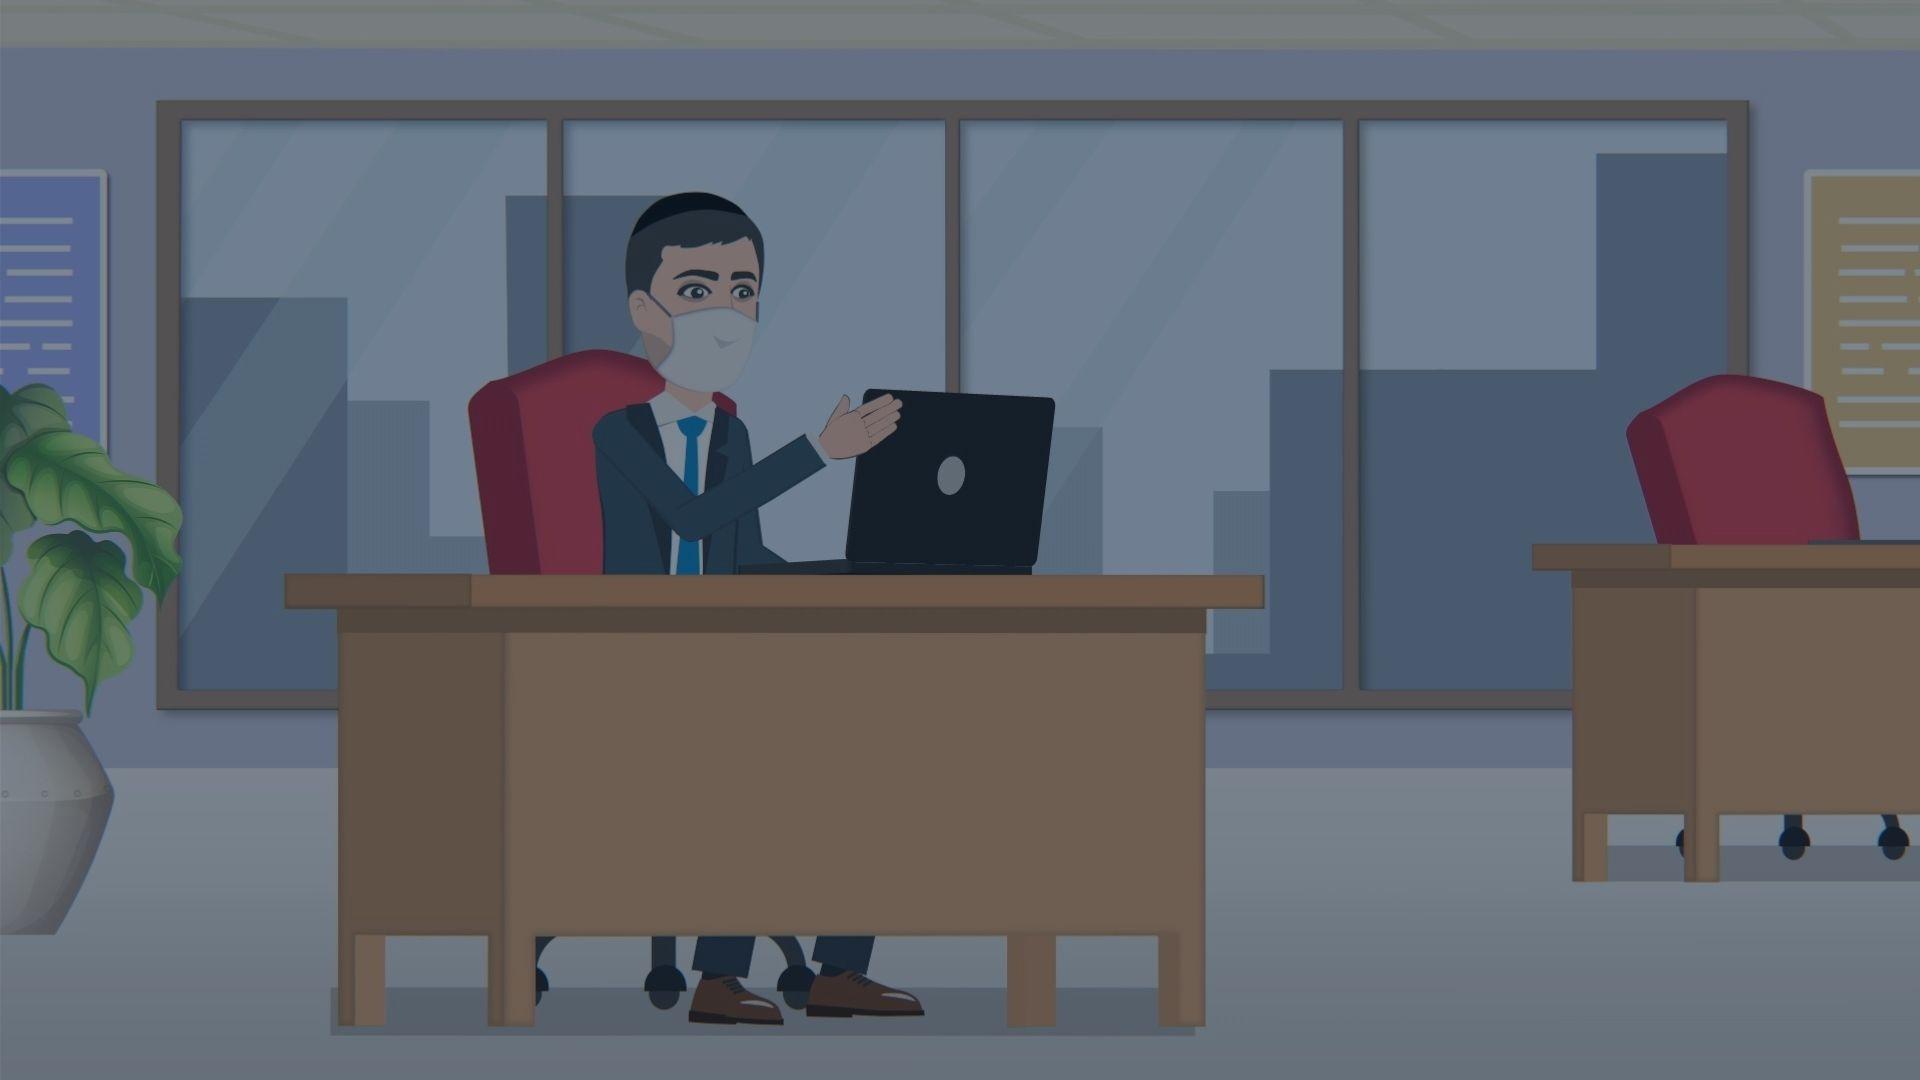 סרטון אנימציה ביוטיוב